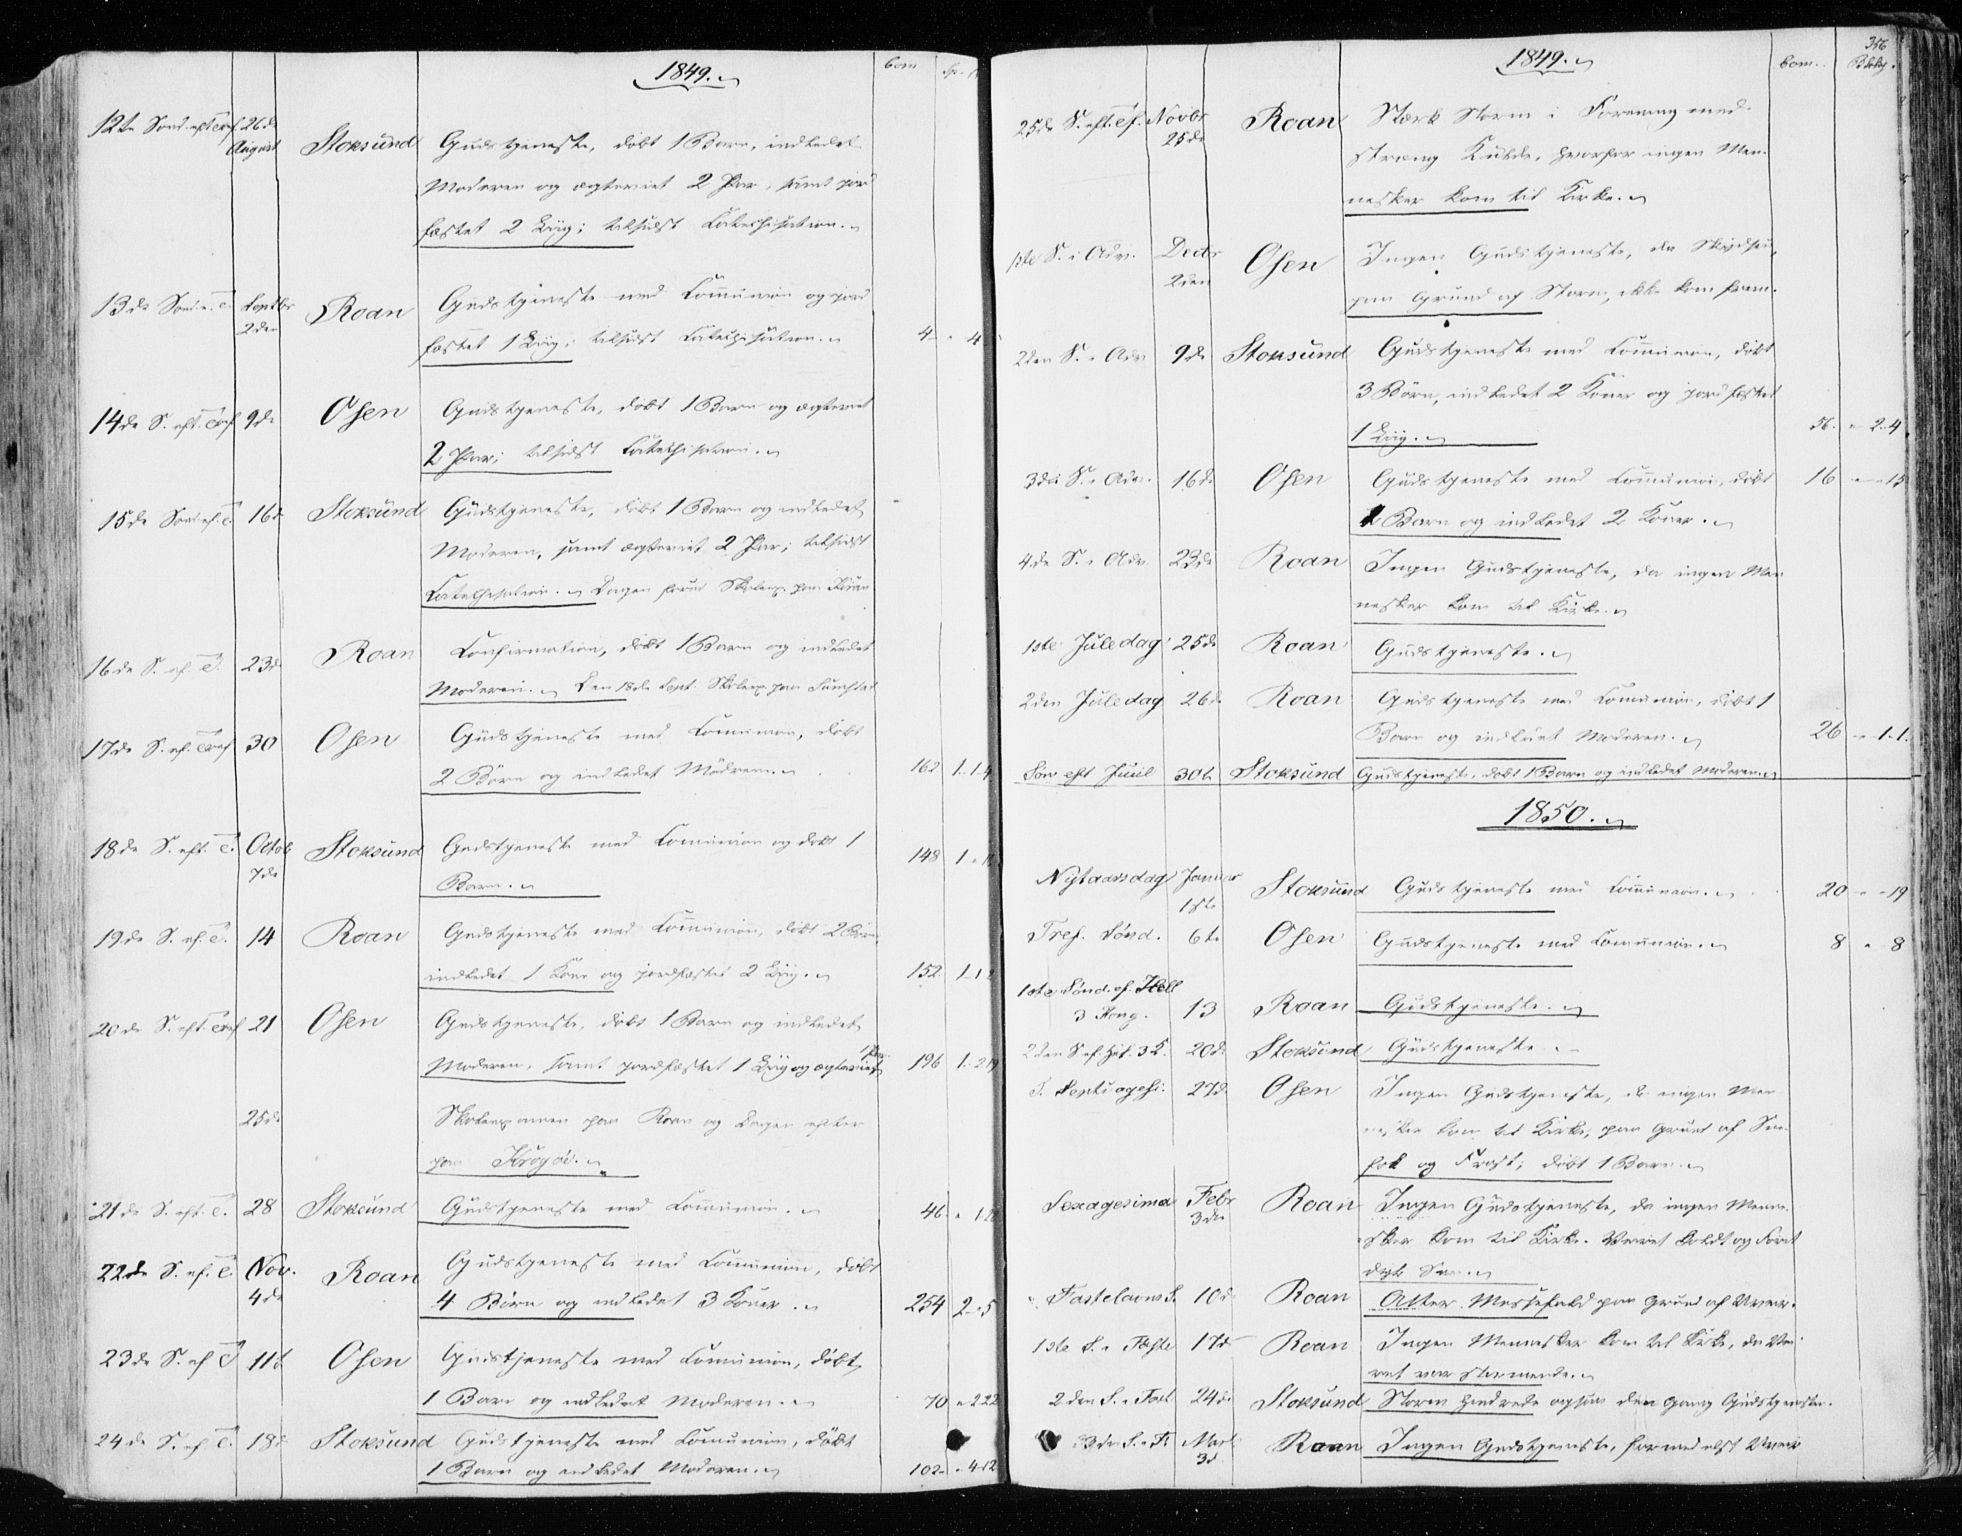 SAT, Ministerialprotokoller, klokkerbøker og fødselsregistre - Sør-Trøndelag, 657/L0704: Ministerialbok nr. 657A05, 1846-1857, s. 356